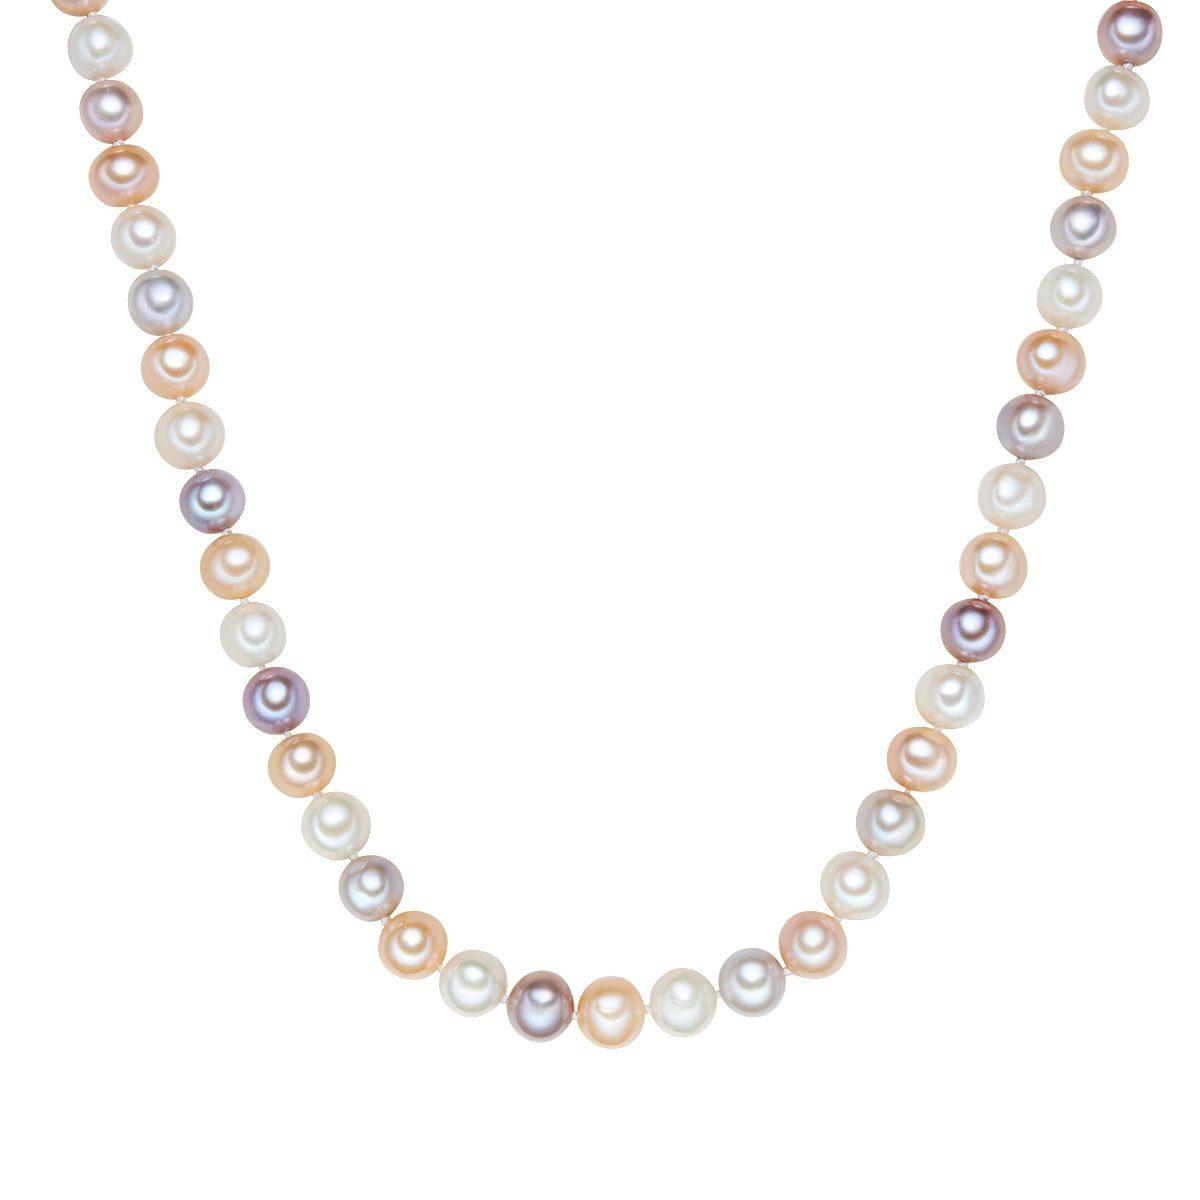 Valero Pearls Perlenkette X122 | Schmuck > Halsketten > Perlenketten | Valero Pearls